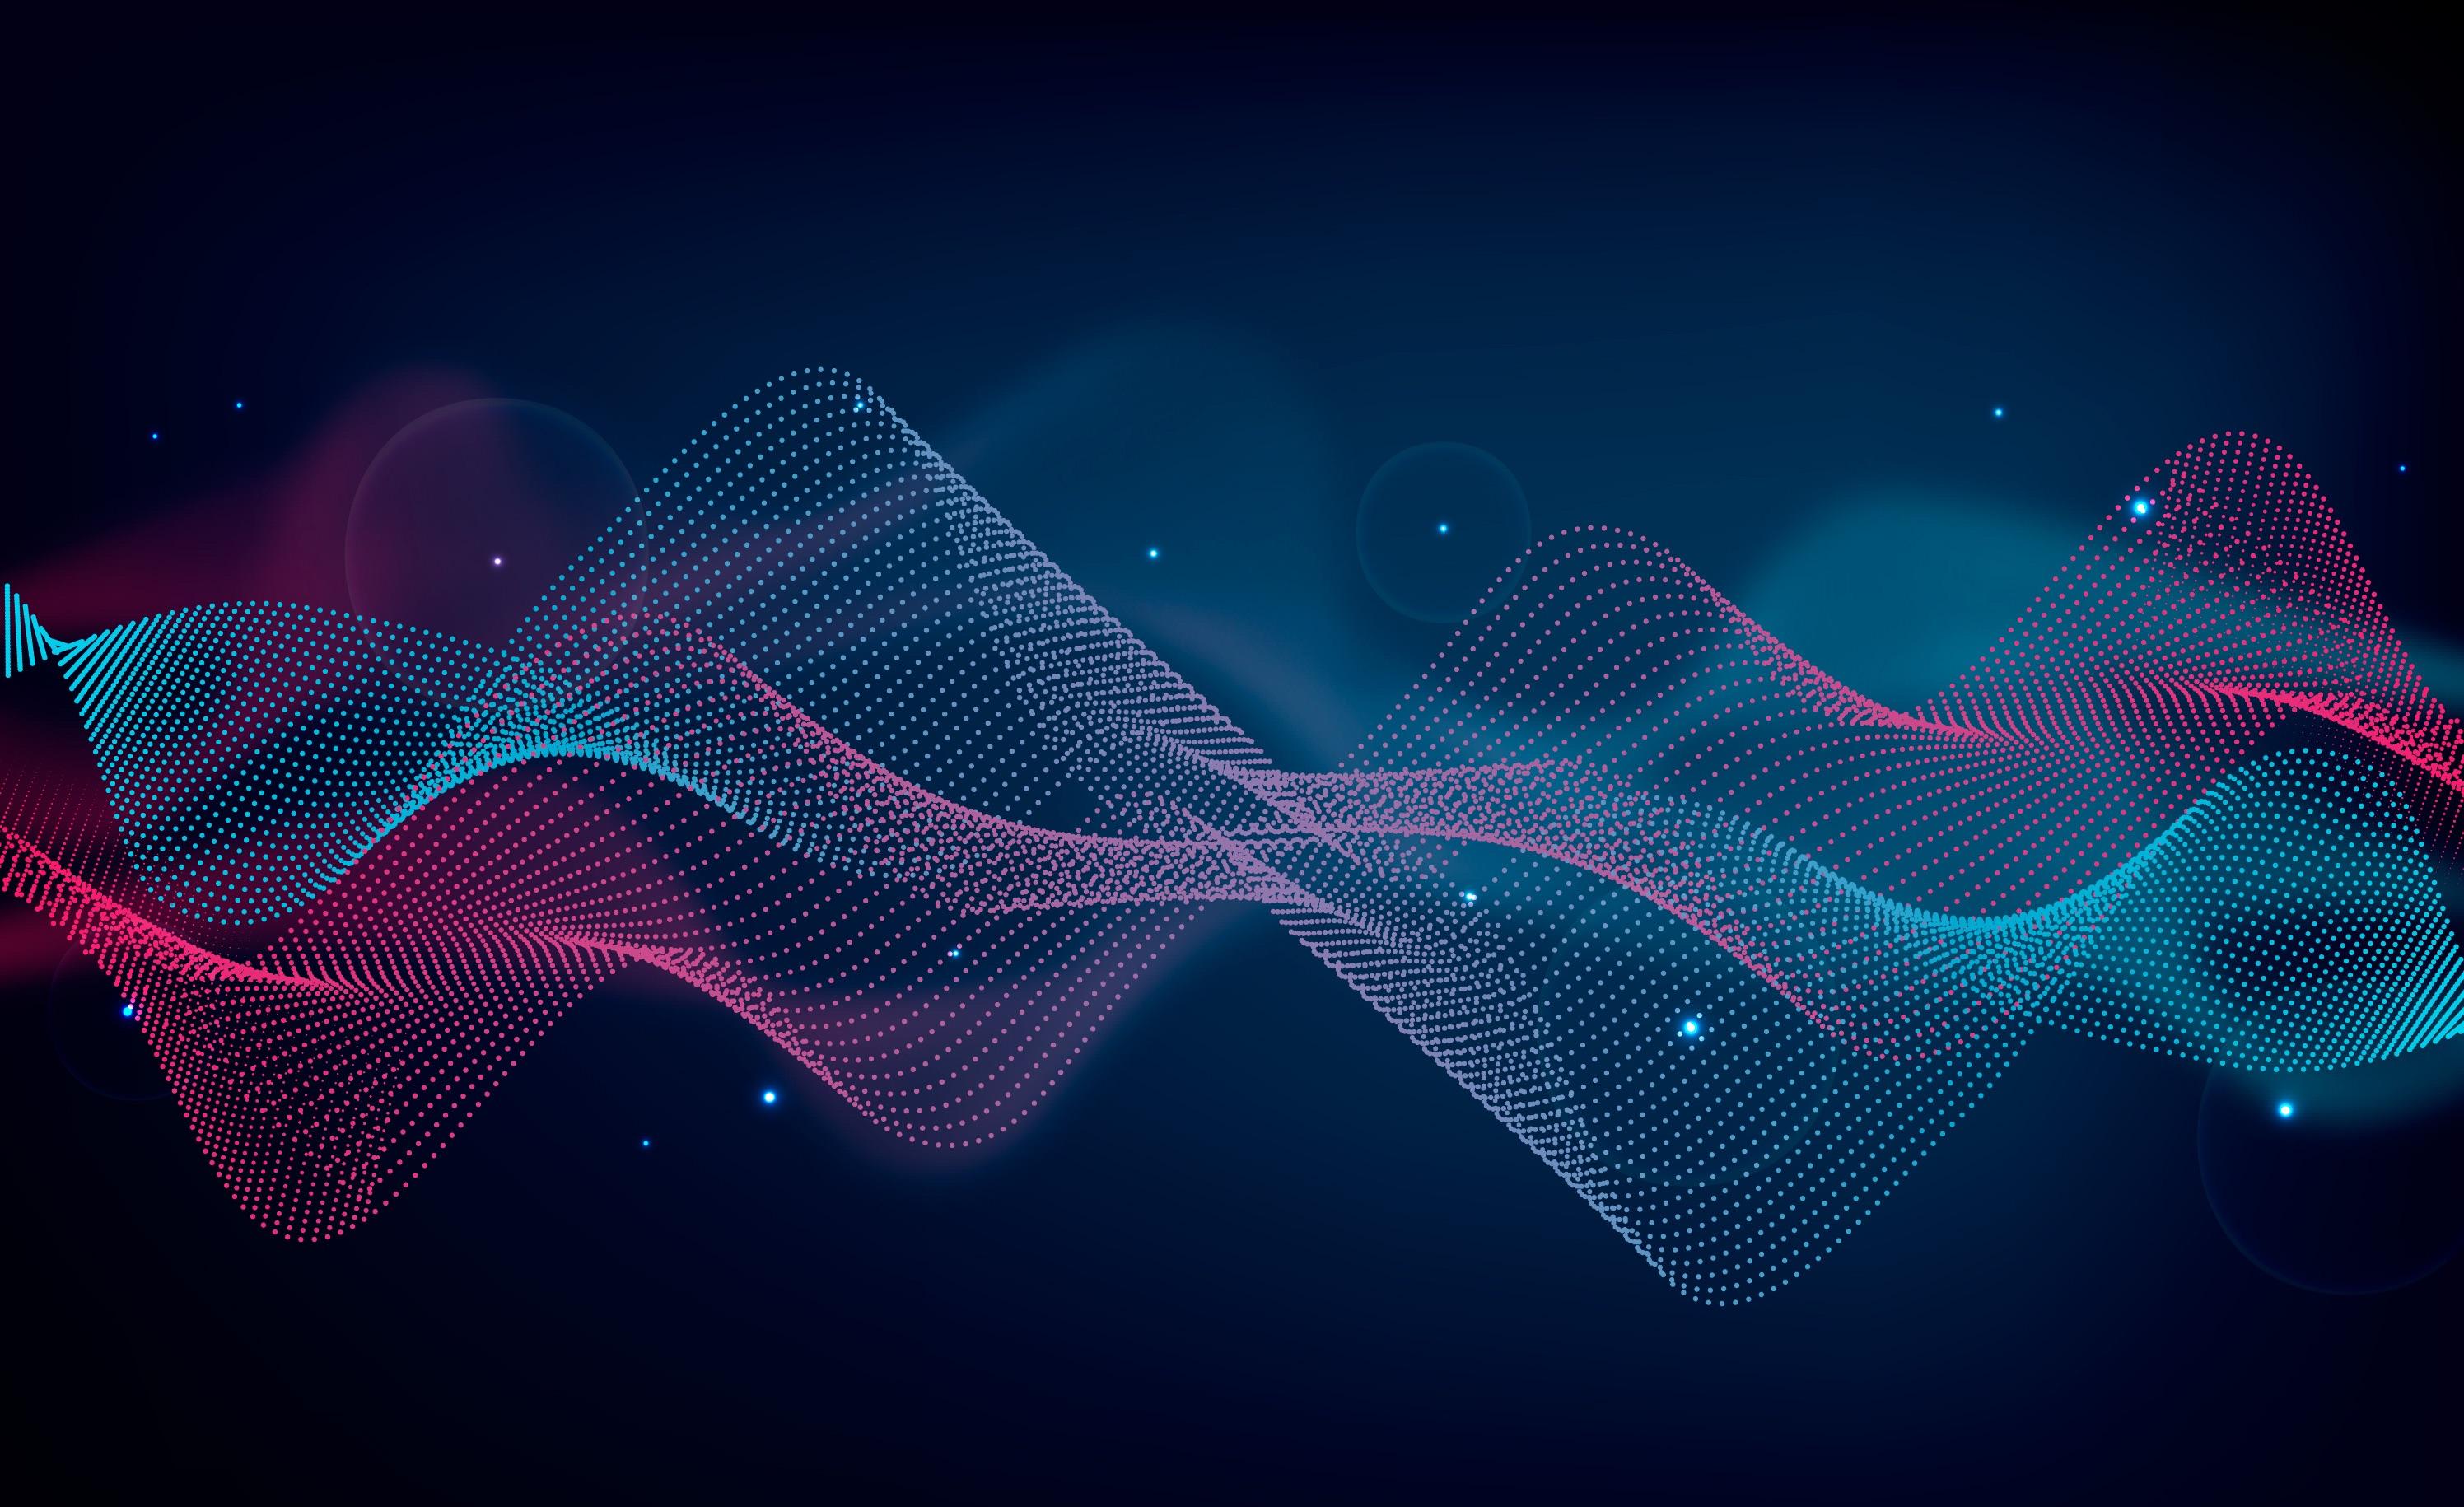 テクノロジーでまだない音楽を創る! 未来の音楽TECH学校